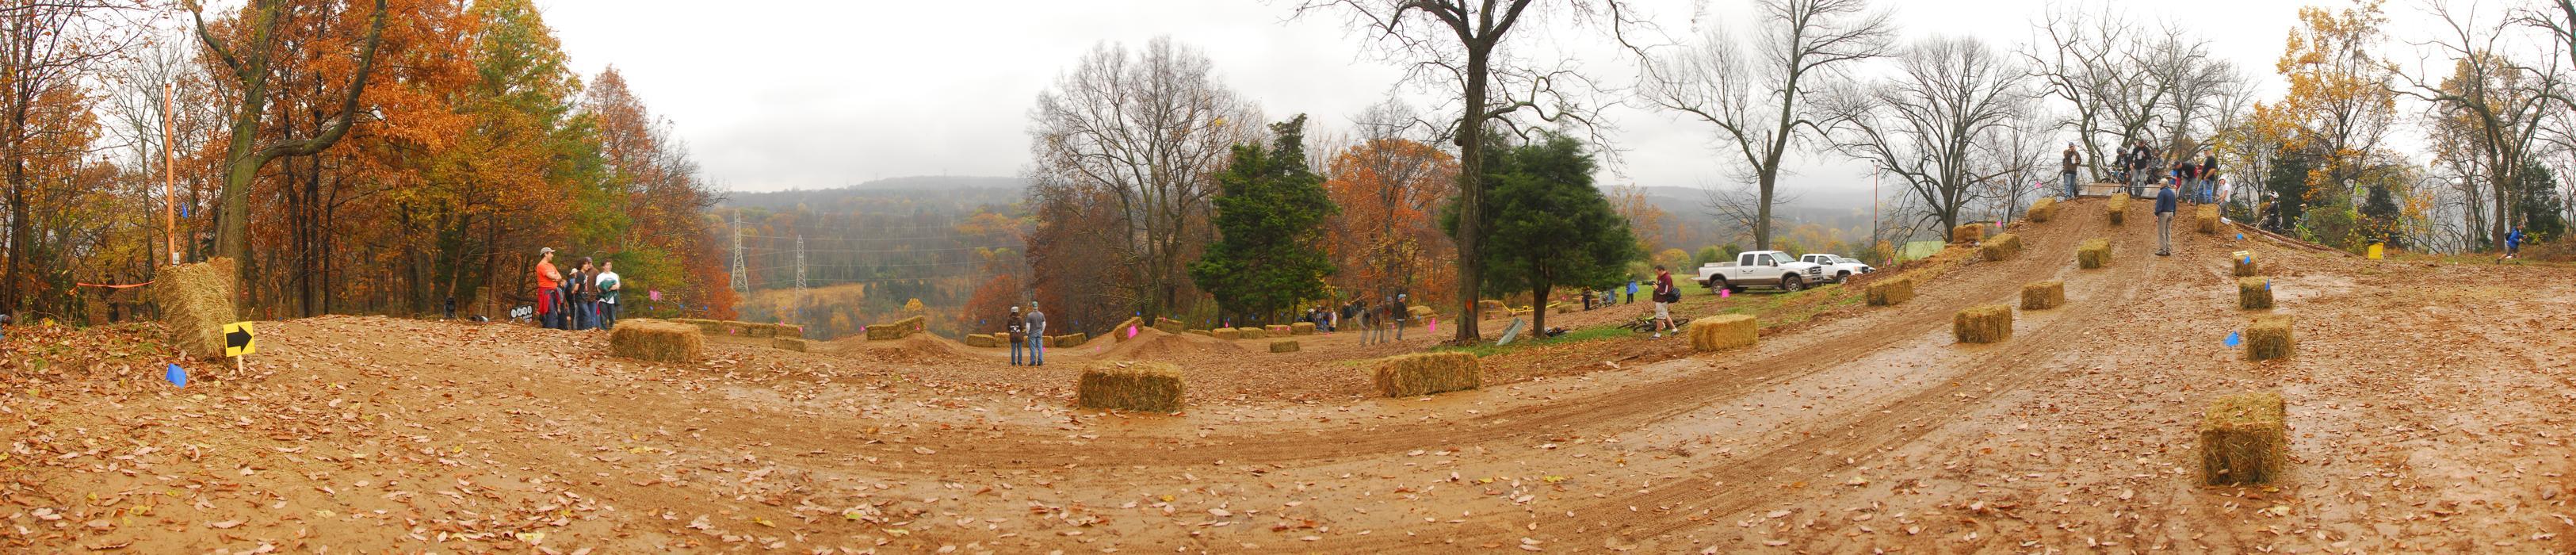 panoramic, starting gate, hay bales, race track, downhill mountain bike track, mud, dirt